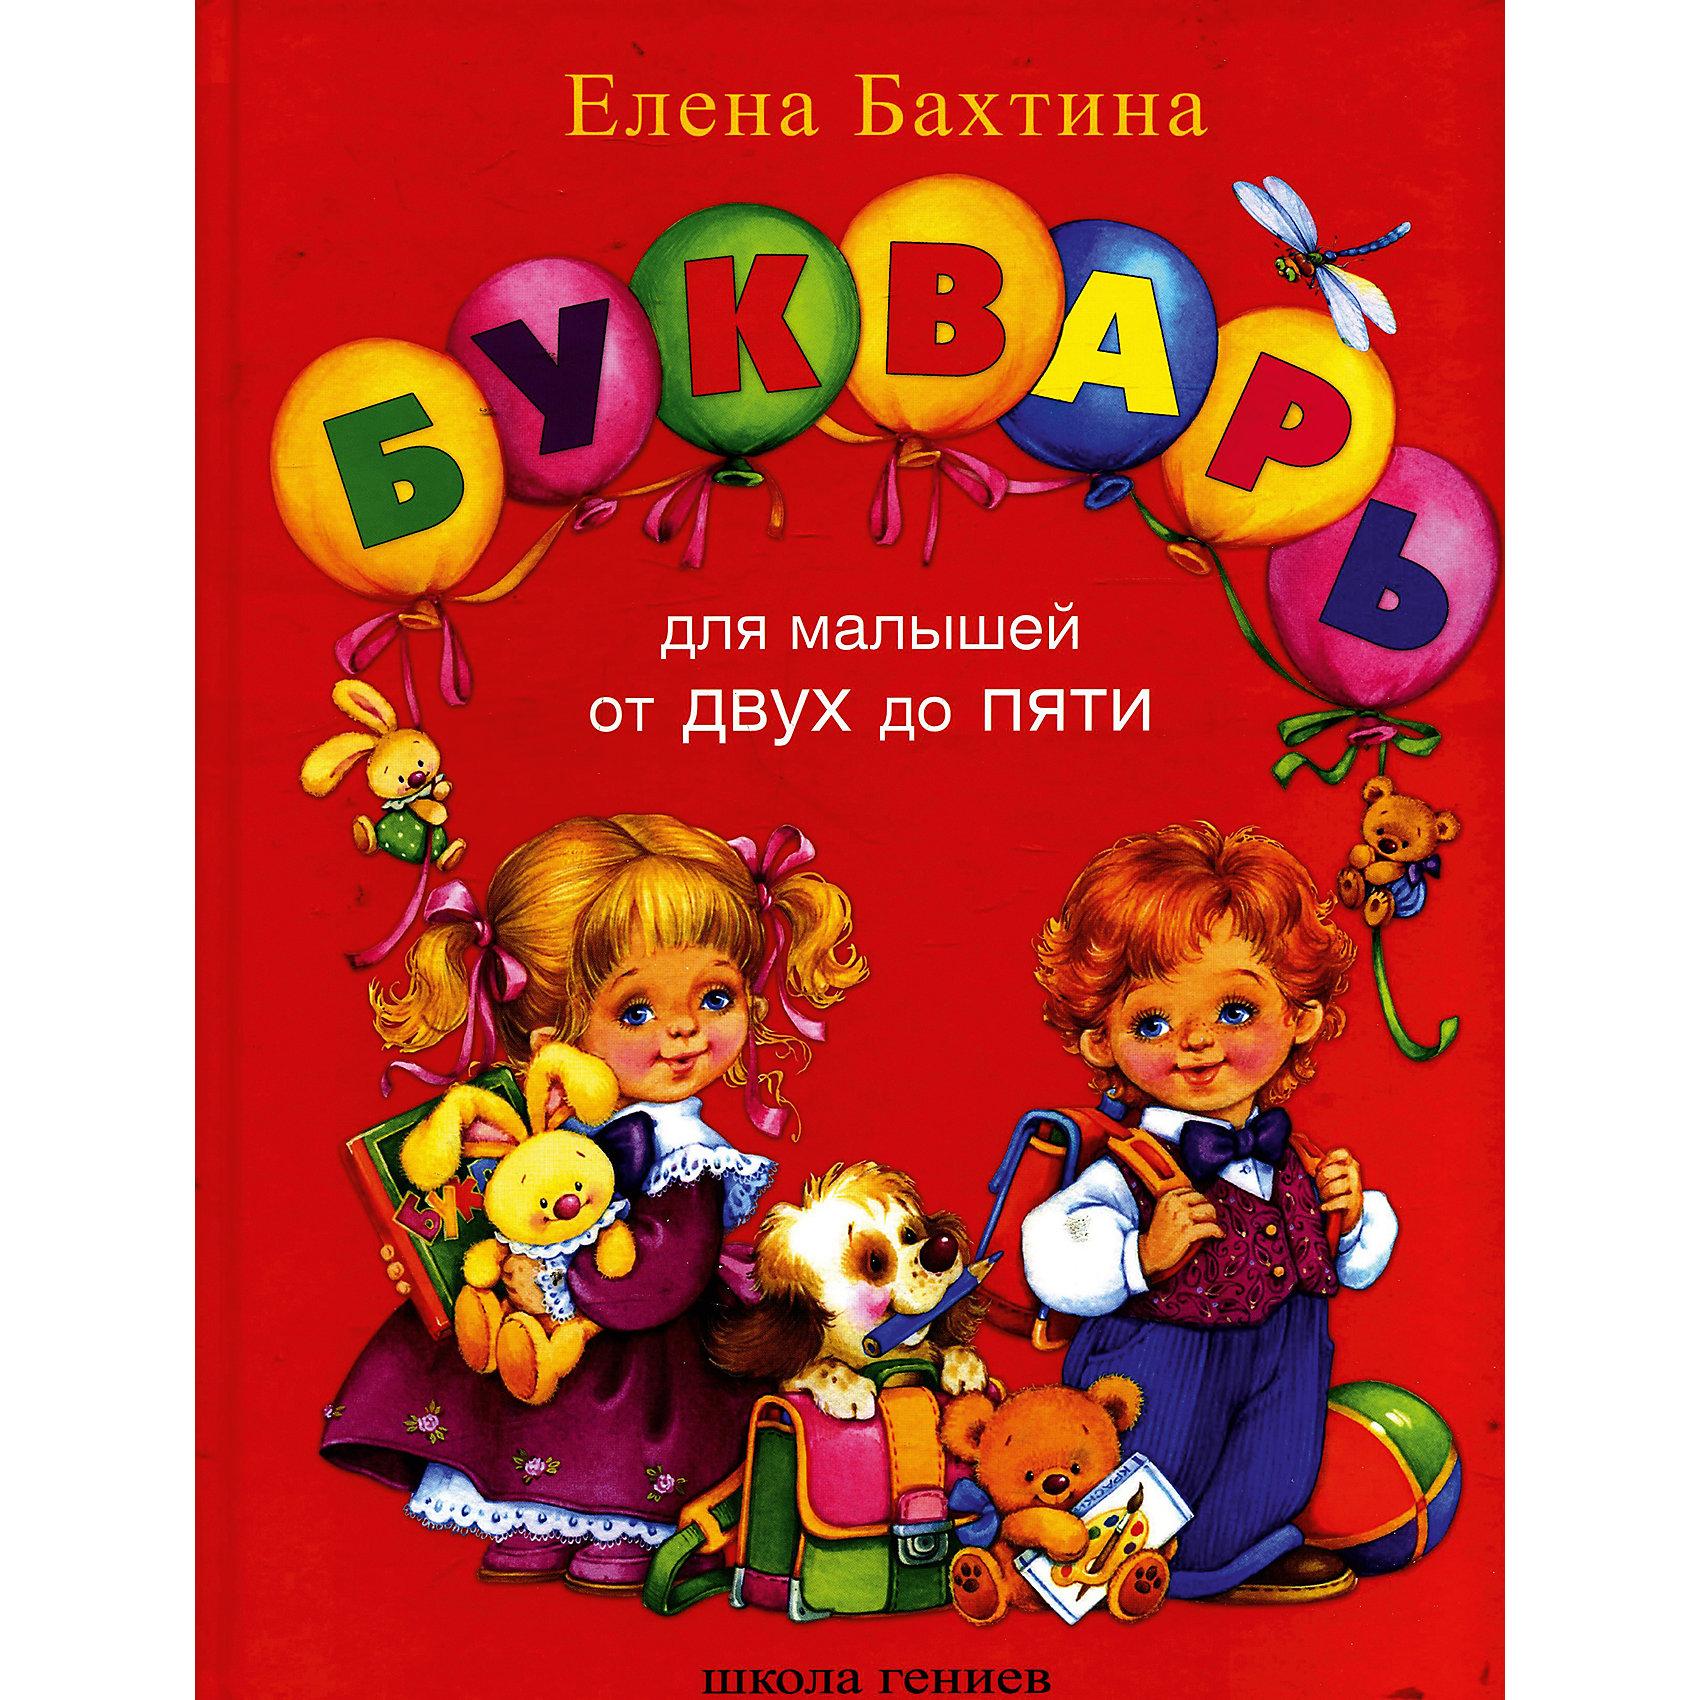 Букварь для малышей от 2-х до 5 летБукварь для малышей от 2-х до 5 лет - это уникальное пособие, которое поможет 2-3 летнему малышу научиться читать за три-четыре месяца.<br>Трёхлетний ребенок с удовольствием читает книжки, отодвинув в сторону кукол, машинки и кубики? Фантастика! - скажете вы. Нет, реальность. Книга, которую вы держите в руках, - результат 15-летней работы Елены Николаевны Бахтиной с детьми от двух до семи лет в её Школе гениев. Чтобы заниматься с малышами по этой книге, не требуется специального педагогического образования. С первых страниц вам станет понятно: нет ничего проще, чем научить ребенка читать. Особенность методики Е. Бахтиной состоит в том, что каждой букве соответствует свой неповторимый образ, поэтому дети с удовольствием играют с ними и никогда не путают даже внешне похожие буквы. Не откладывайте на завтра встречу с родным языком, и очень скоро ваши малыши и малышки будут сами с удовольствием читать любимые книжки.<br><br>Дополнительная информация:<br><br>- Автор: Бахтина Елена Николаевна<br>- Художник: Федотова Марина<br>- Издательство: Школа Гениев, 2015 г.<br>- Серия: Уроки Школы Гениев<br>- Тип обложки: 7Бц - твердая, целлофанированная (или лакированная)<br>- Иллюстрации: цветные<br>- Количество страниц: 120 (мелованная)<br>- Размер: 288x218x15 мм.<br>- Вес: 762 гр.<br><br>Букварь для малышей от 2-х до 5 лет можно купить в нашем интернет-магазине.<br><br>Ширина мм: 214<br>Глубина мм: 15<br>Высота мм: 287<br>Вес г: 820<br>Возраст от месяцев: 24<br>Возраст до месяцев: 60<br>Пол: Унисекс<br>Возраст: Детский<br>SKU: 4522392